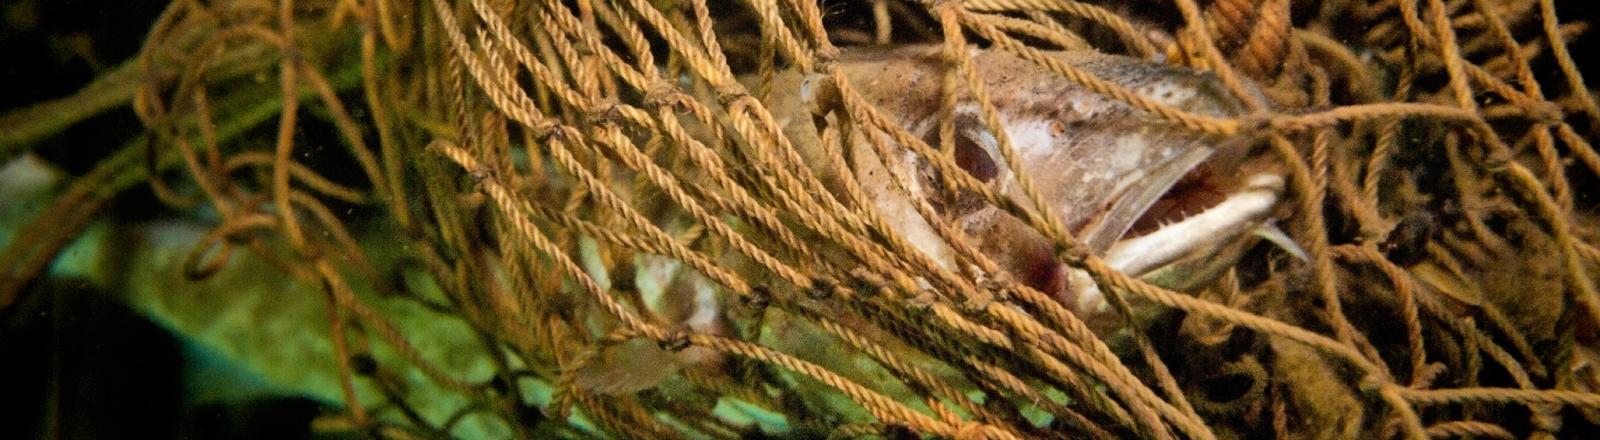 Ein Dorsch hat sich 08.03.2014 in einem Geisternetz am Wrack des Holzfrachters 'Fliegender Holländer' in der Ostsee vor Rügen (Mecklenburg-Vorpommern) verfangen. Jedes Jahr verlieren Fischer Netze in der Ostsee. Als Geisternetze verfangen sie sich an Wracks oder Felsen und verschärfen das Müllproblem.